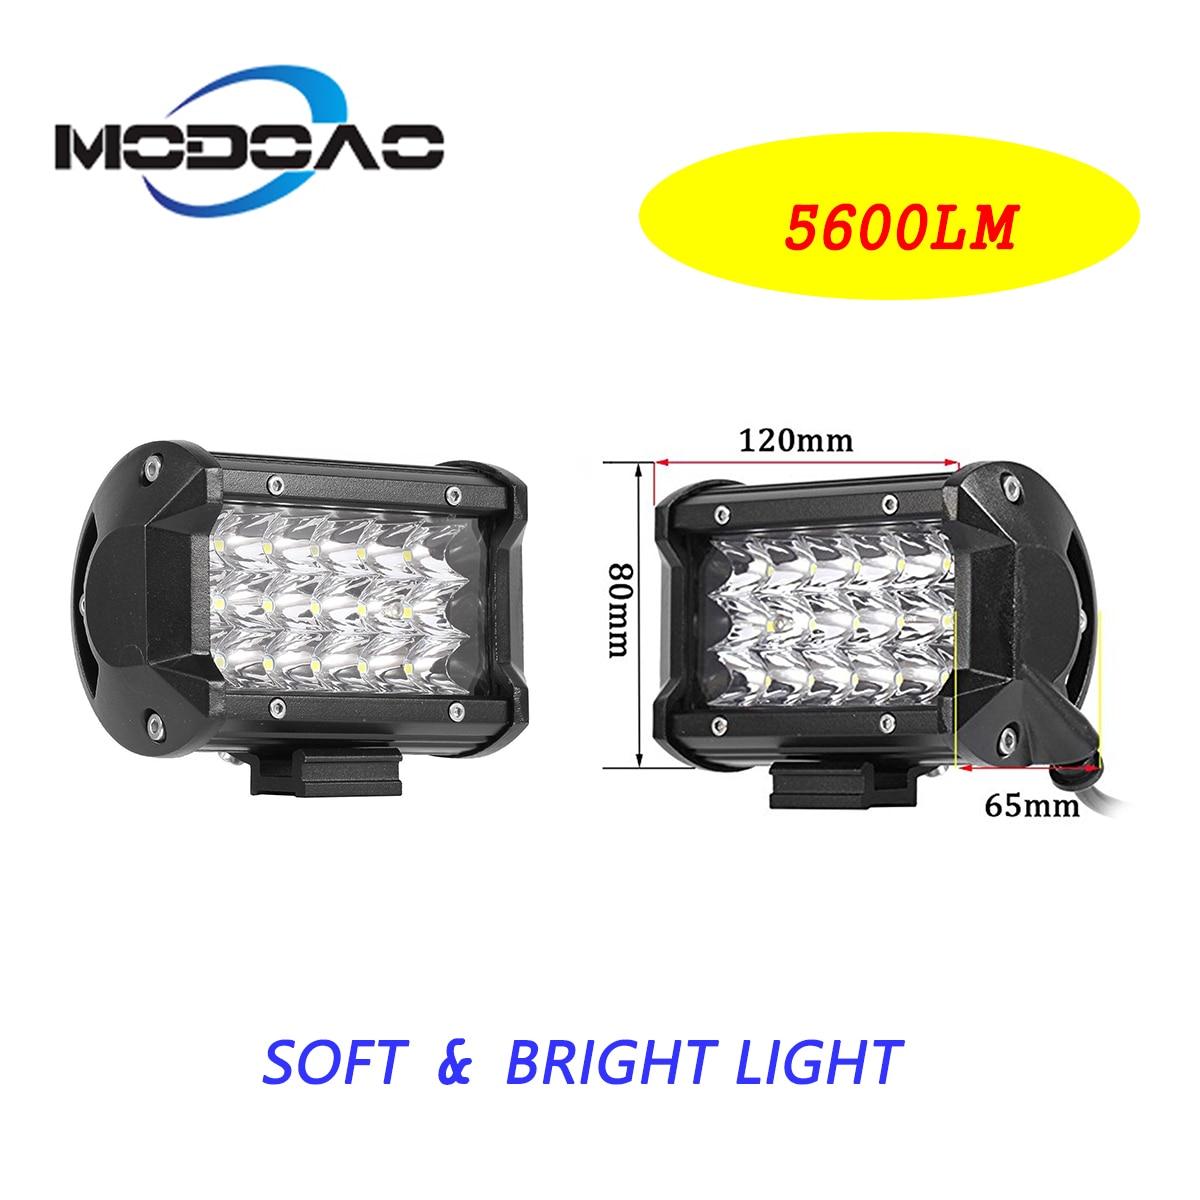 Nova 54 W 5D alto-brilho LED holofotes luz de trabalho para veículos off-road ATV carro motocicleta barco 6000 K 2 pcs melhor à frente